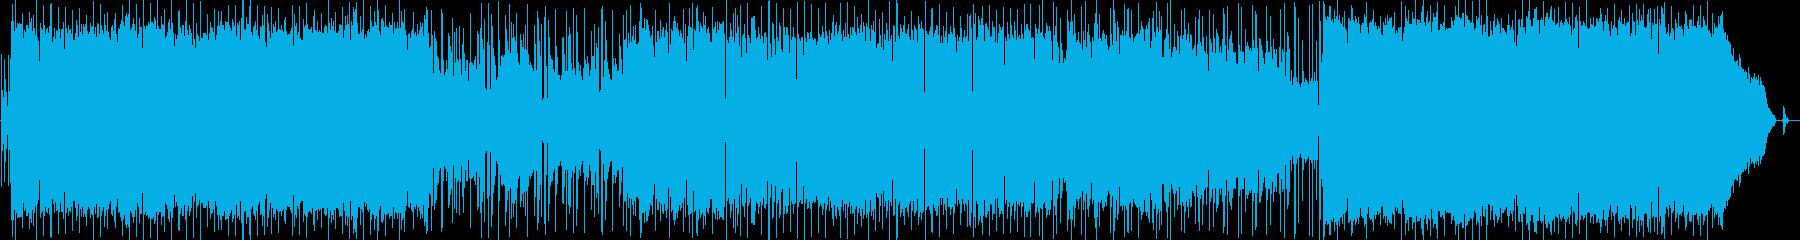 1:43からのラップ風語りと前後の落差の再生済みの波形